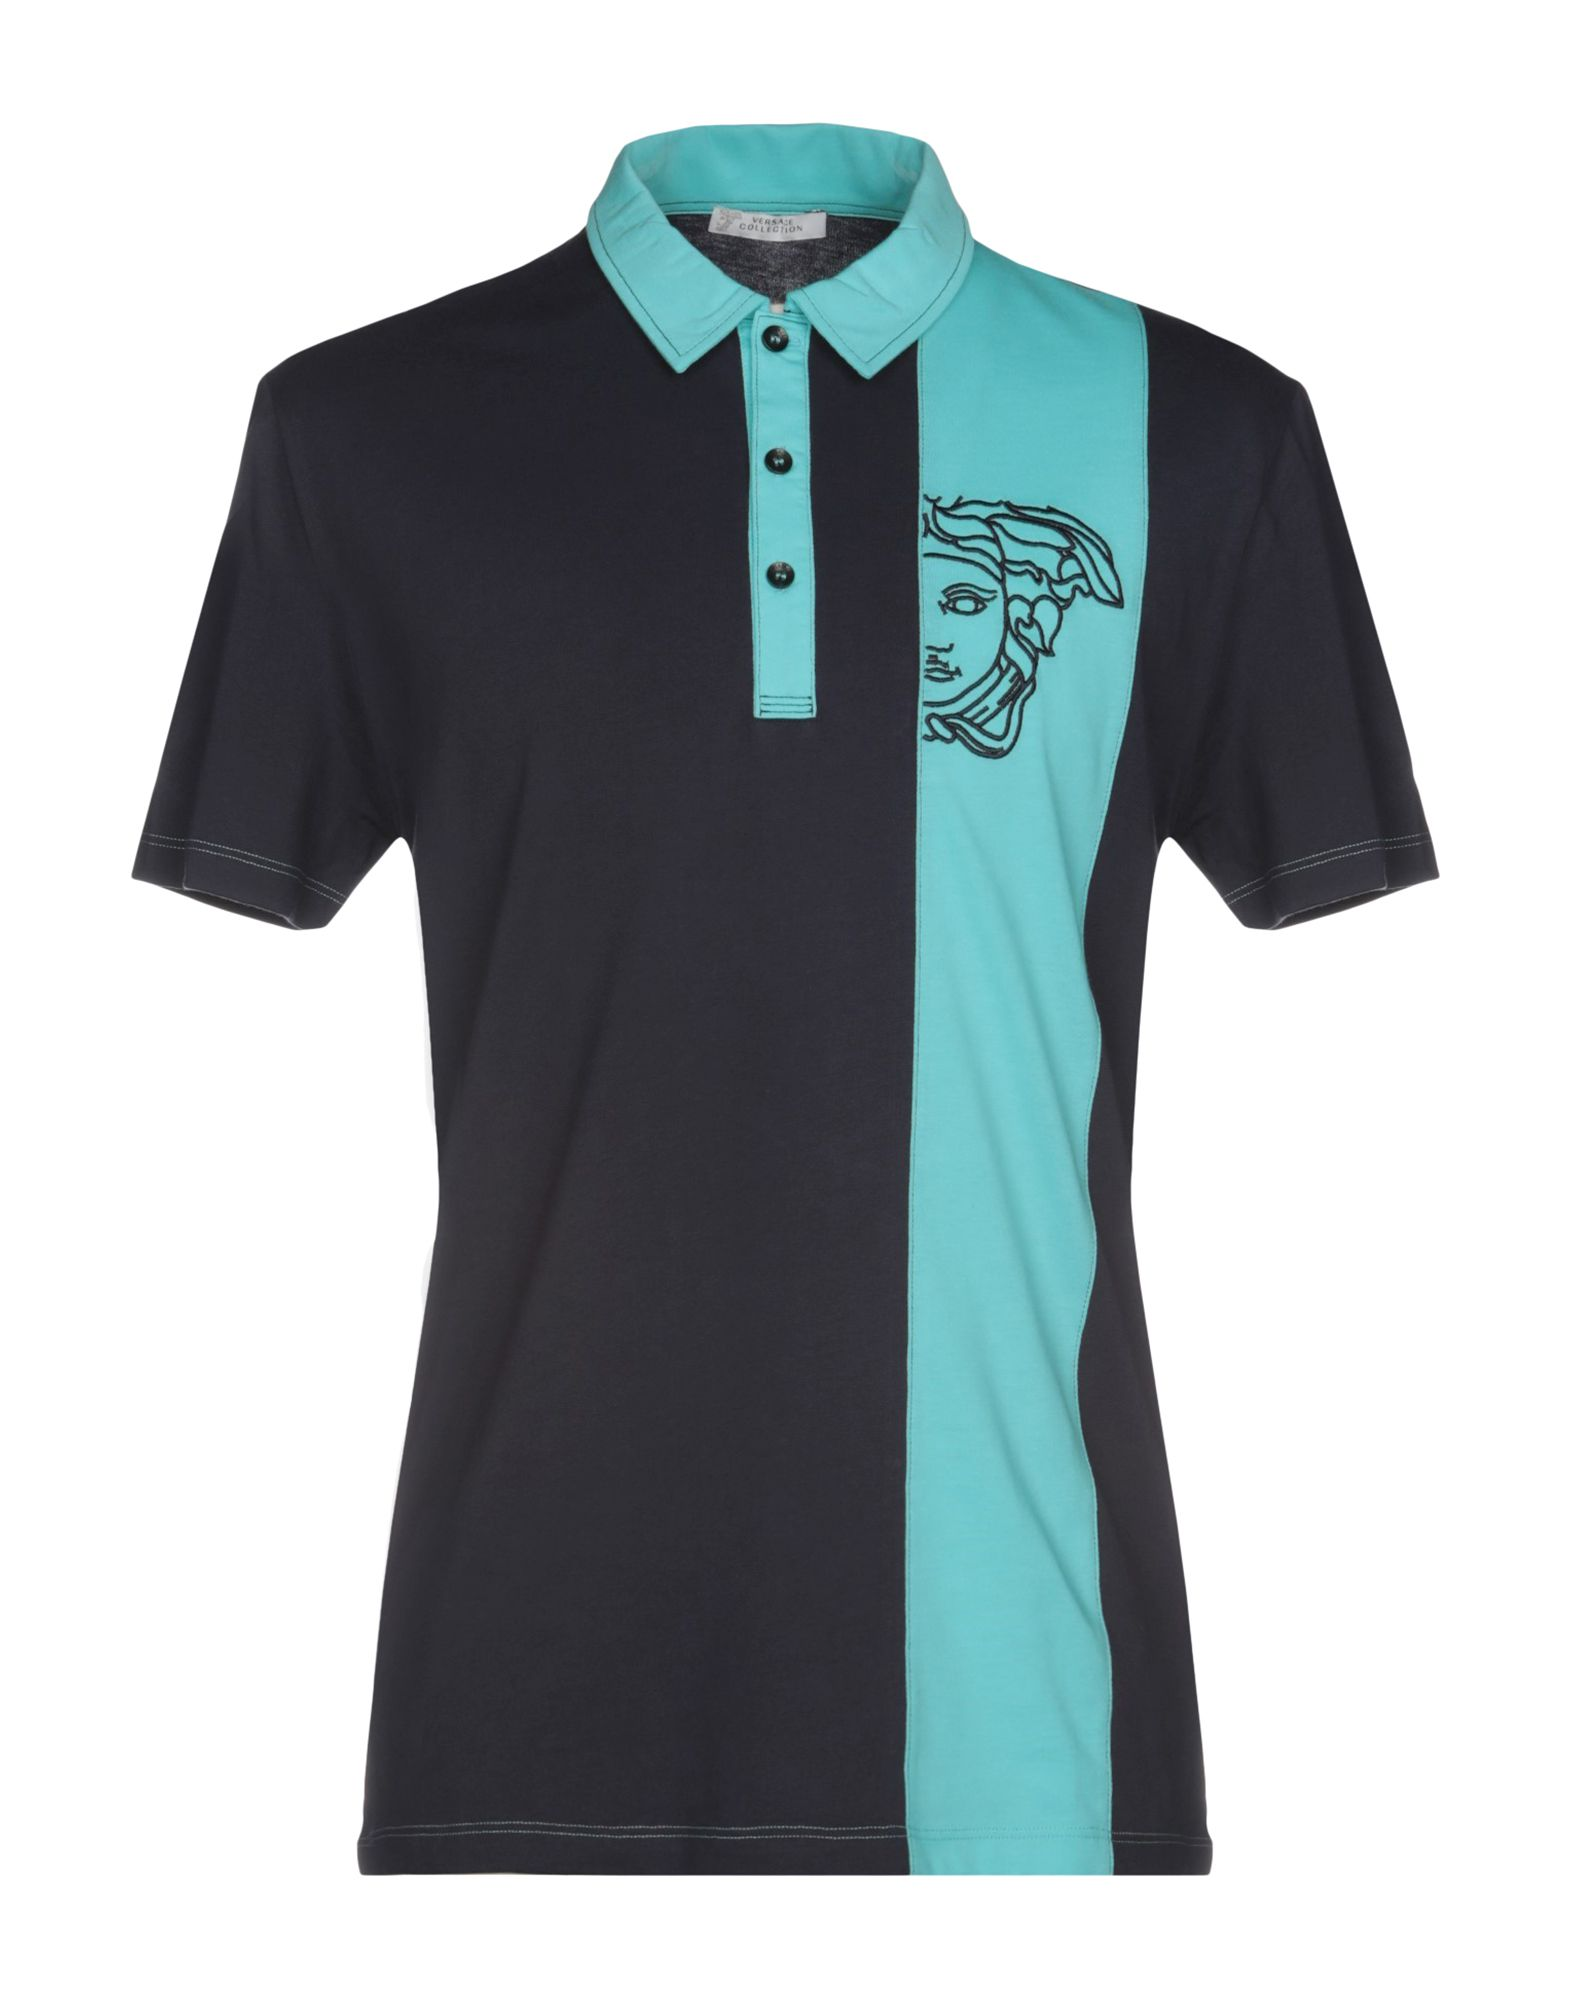 《送料無料》VERSACE COLLECTION メンズ ポロシャツ アジュールブルー M コットン 100%